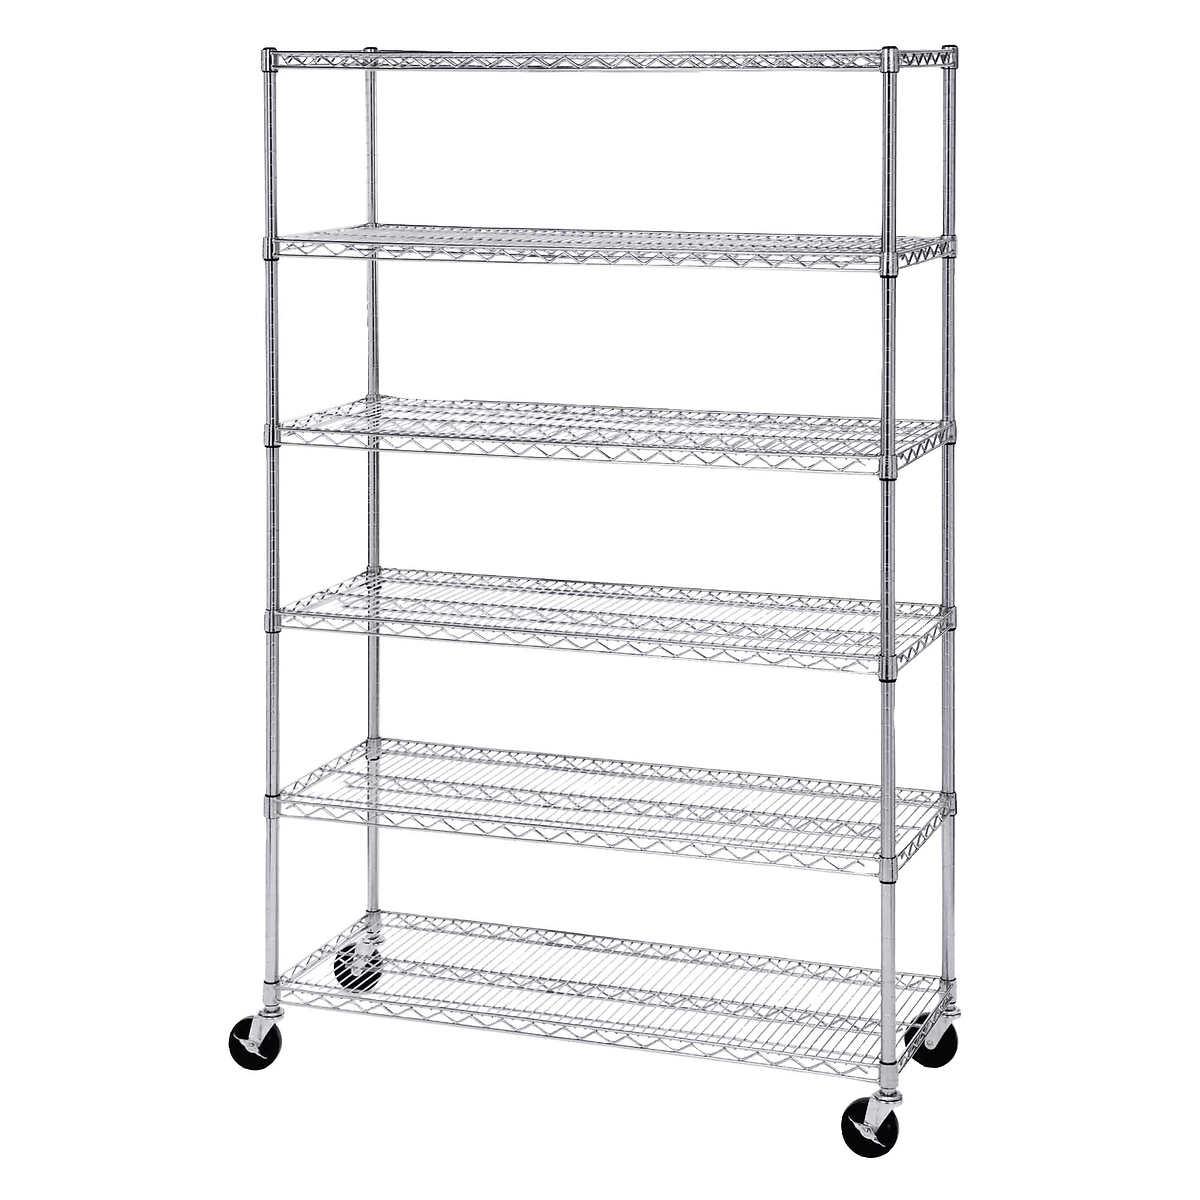 Seville Classics 20 shelf Commercial Shelving